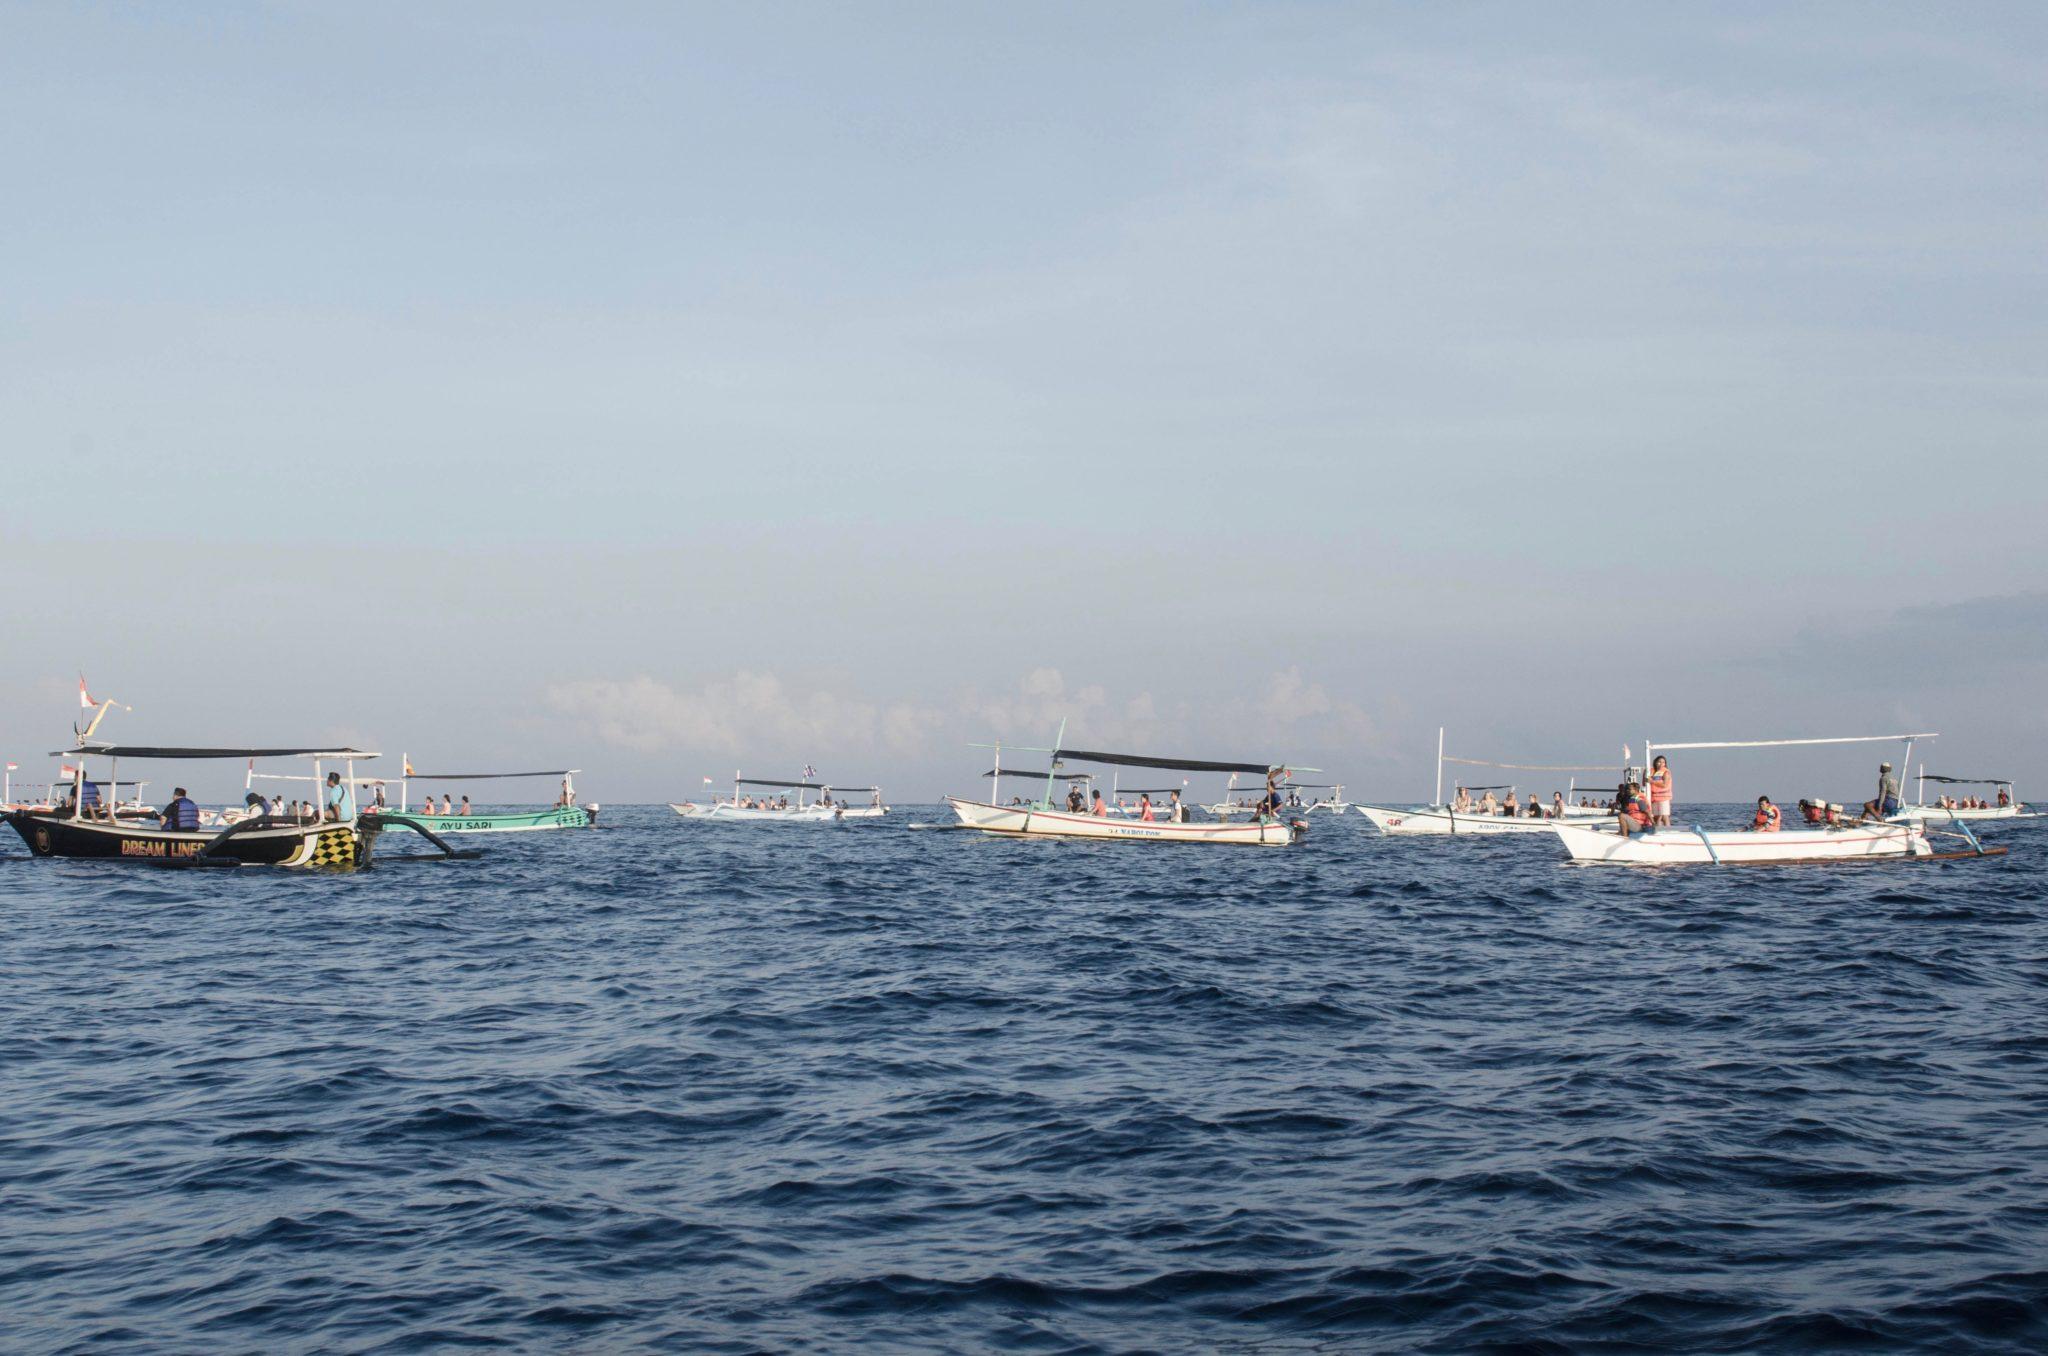 Eine Tour zu den Bali Delfinen in Lovina ist ein fragwürdiger Ausflug.